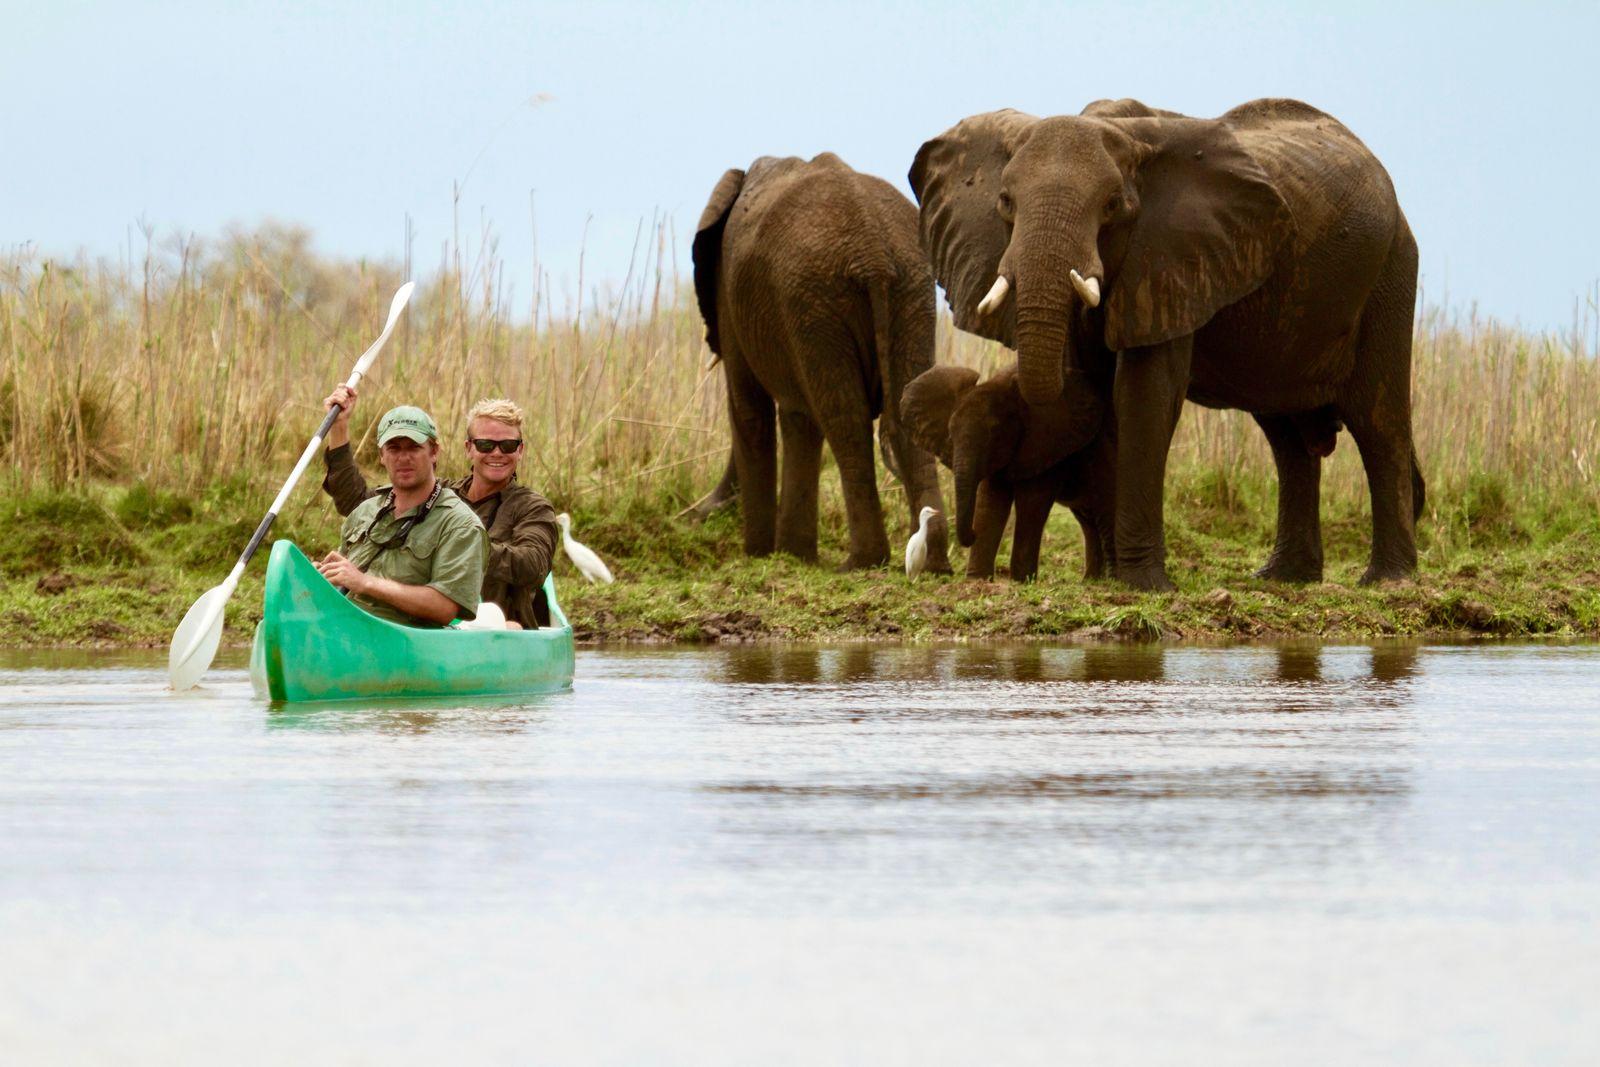 Kano safari met Tusk & Mane op Zambezi rivier Zambia